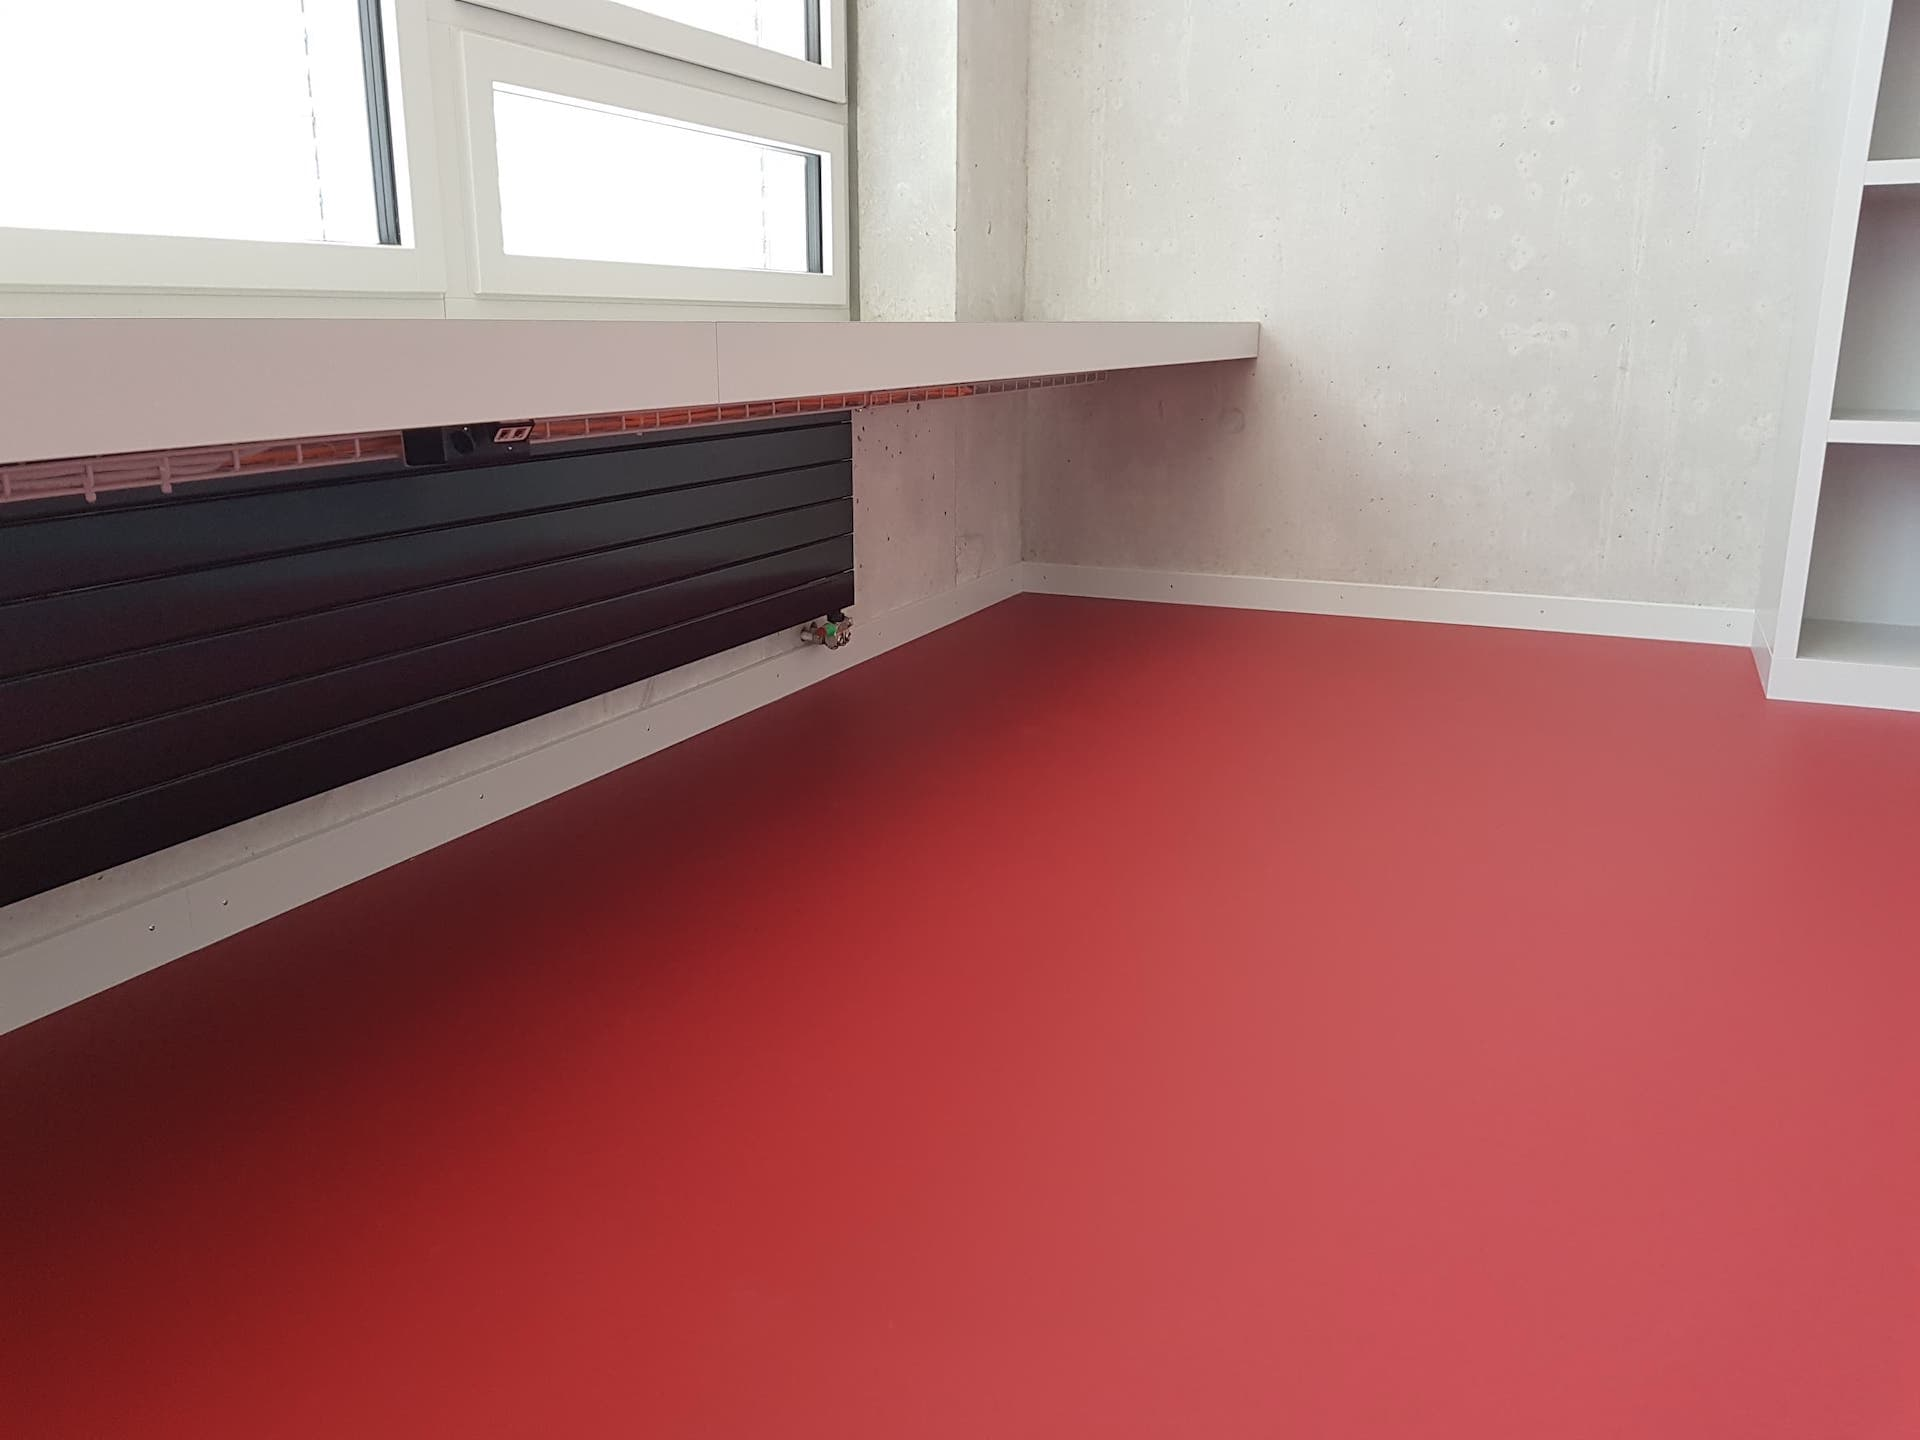 Bodenabschlussleiste und Fußboden Abschlussleiste